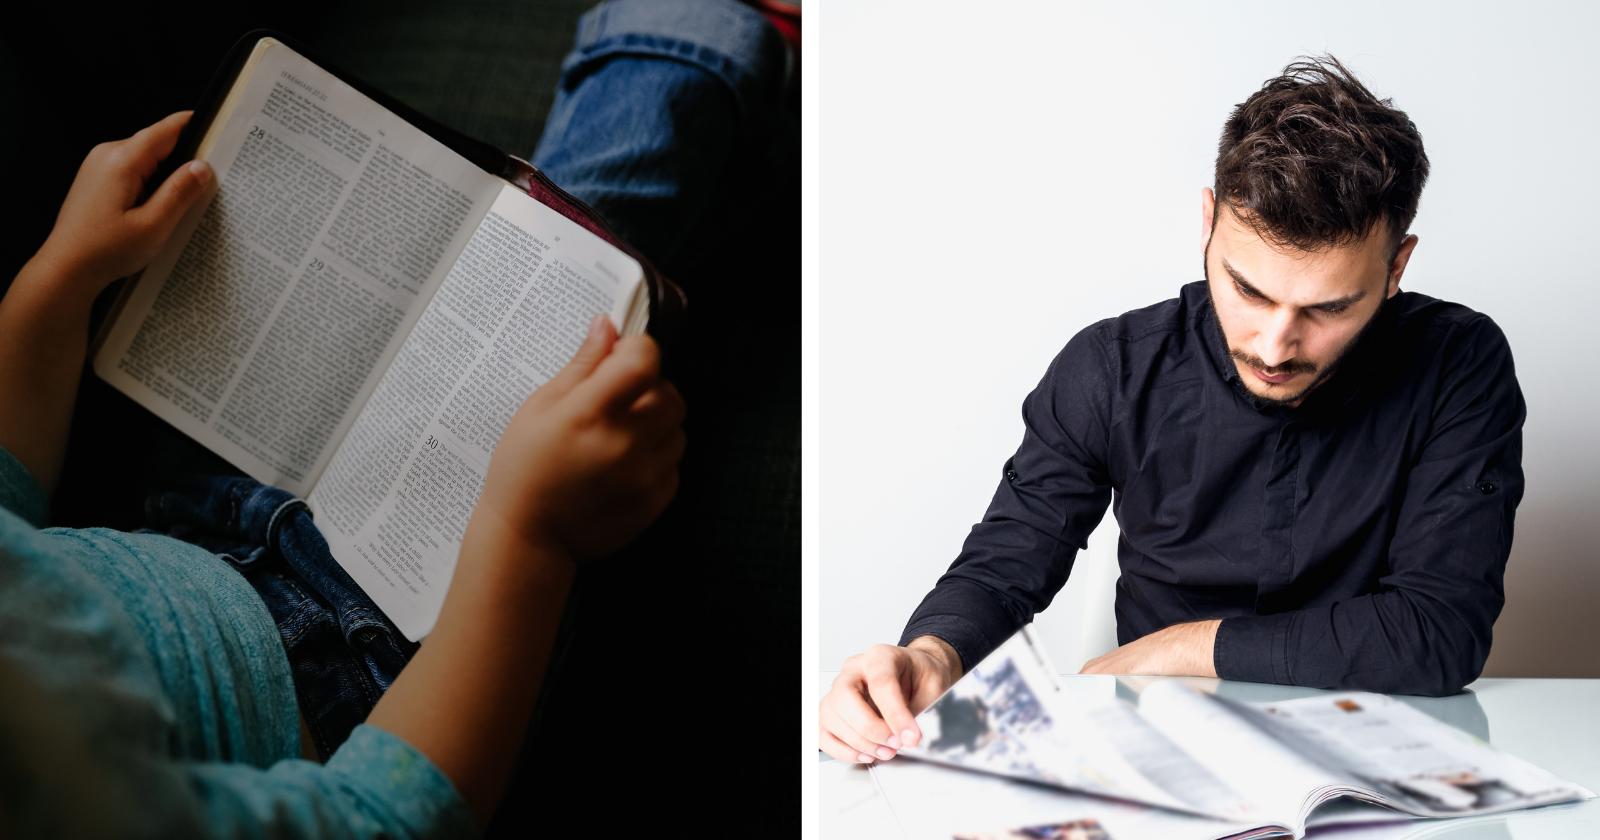 Esses são os 14 livros cristãos que TODO MUNDO deveria ler